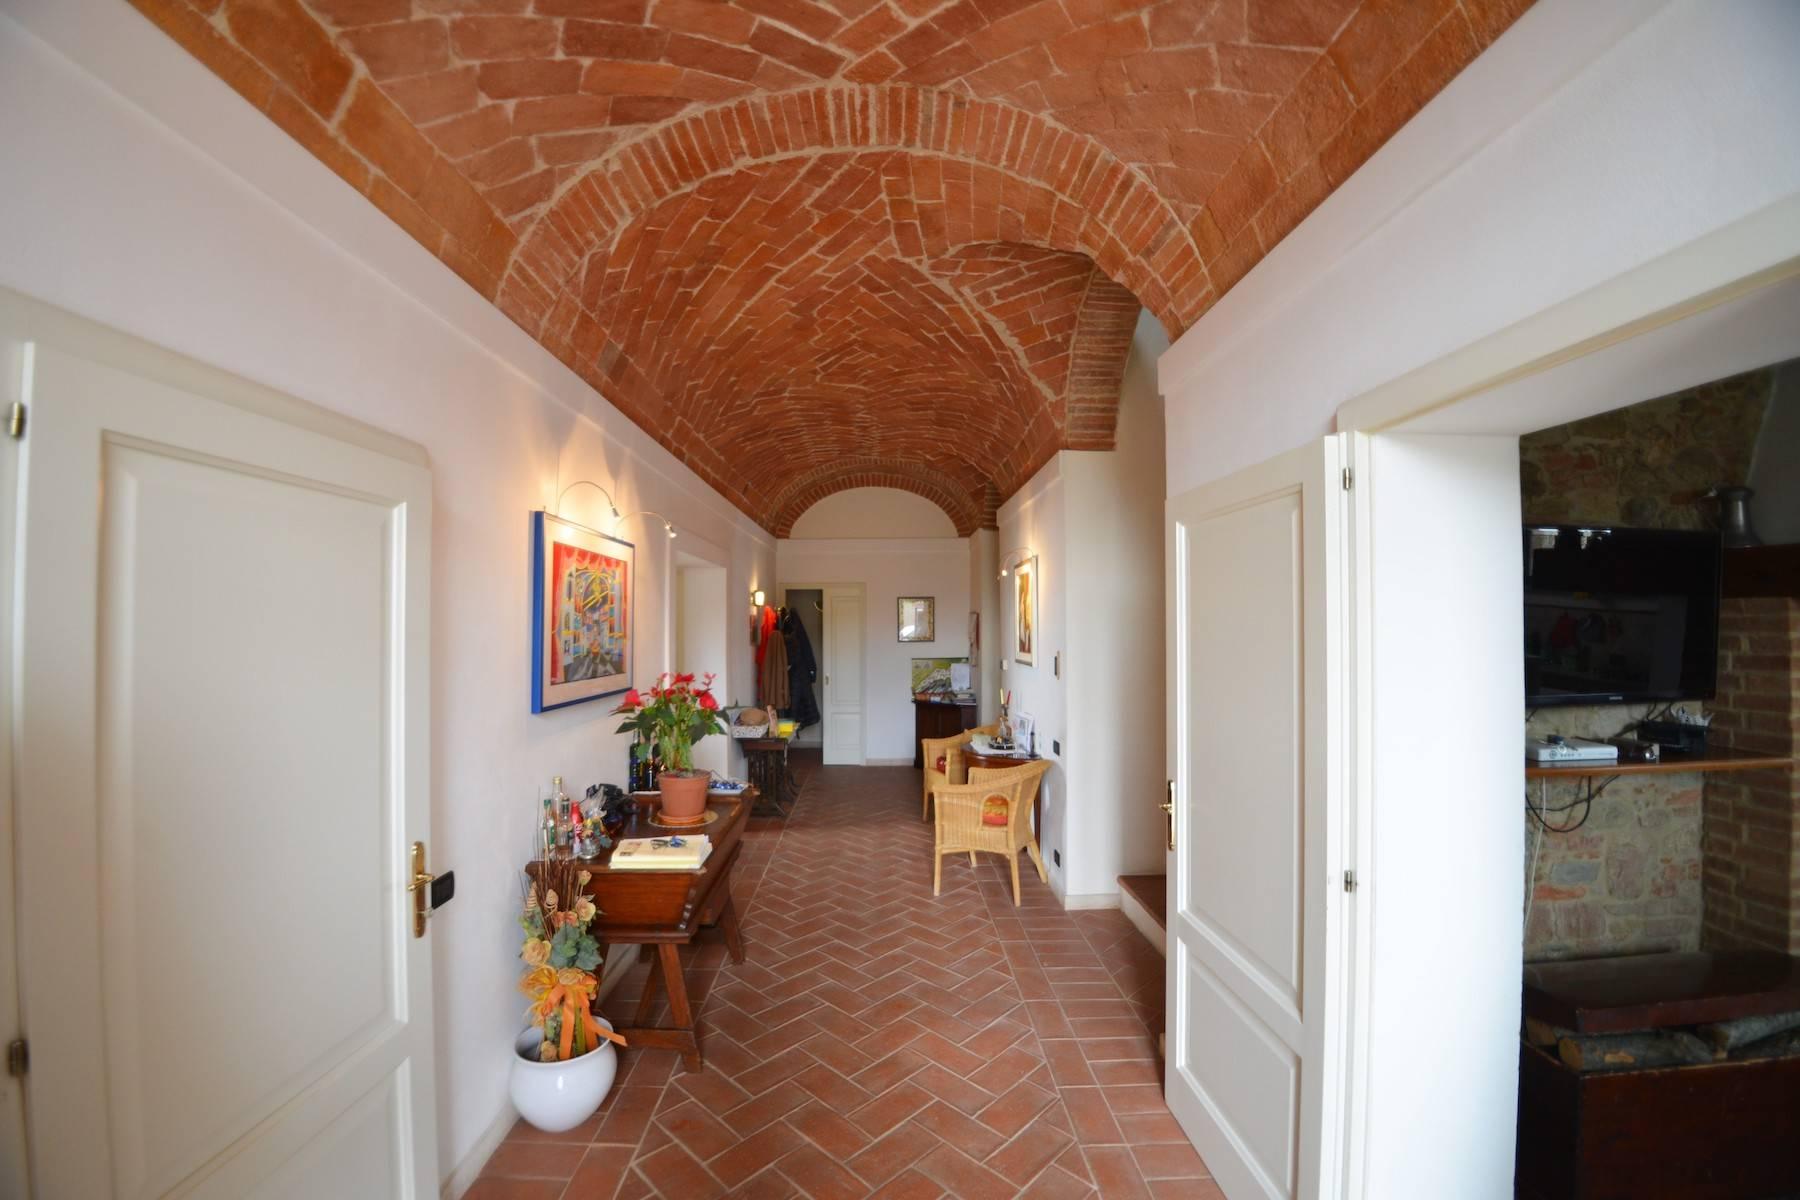 Rustico in Vendita a Montepulciano: 5 locali, 561 mq - Foto 9